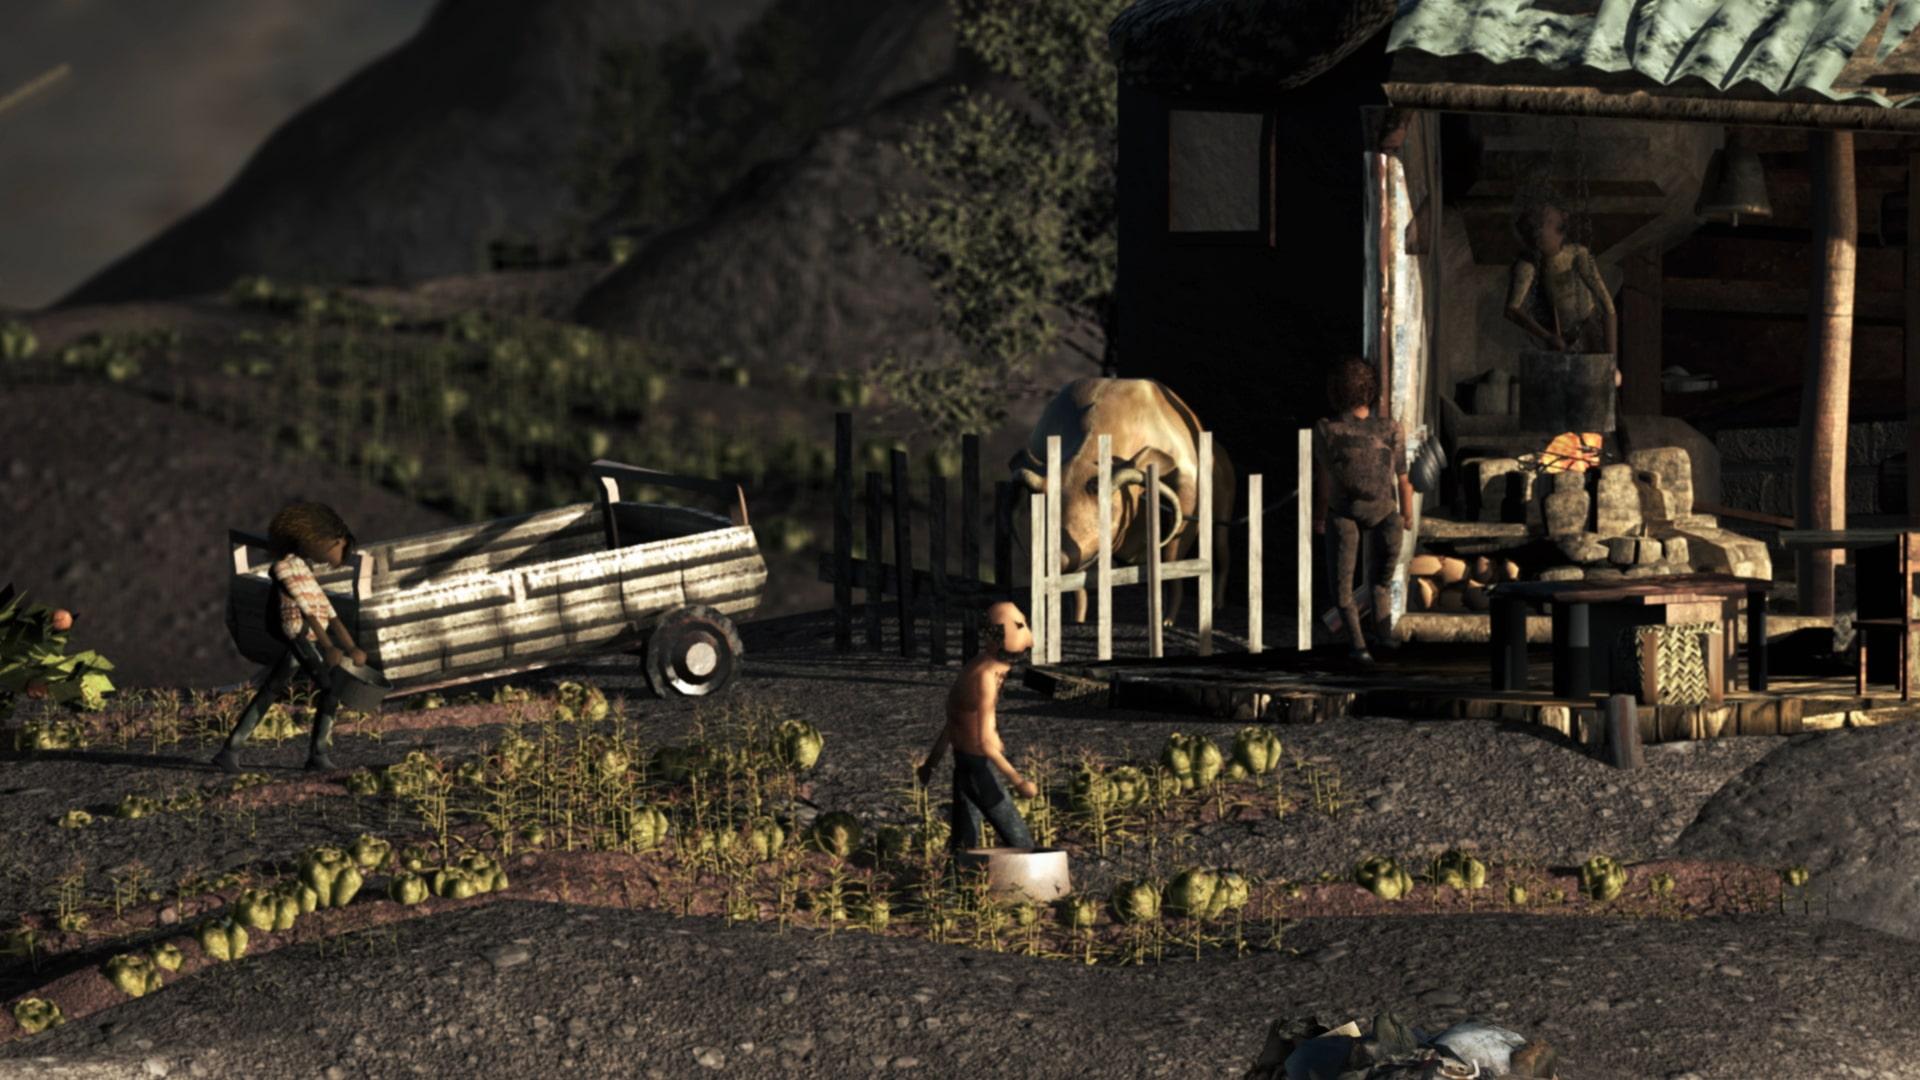 Still from Toby Auberg's short film Pile